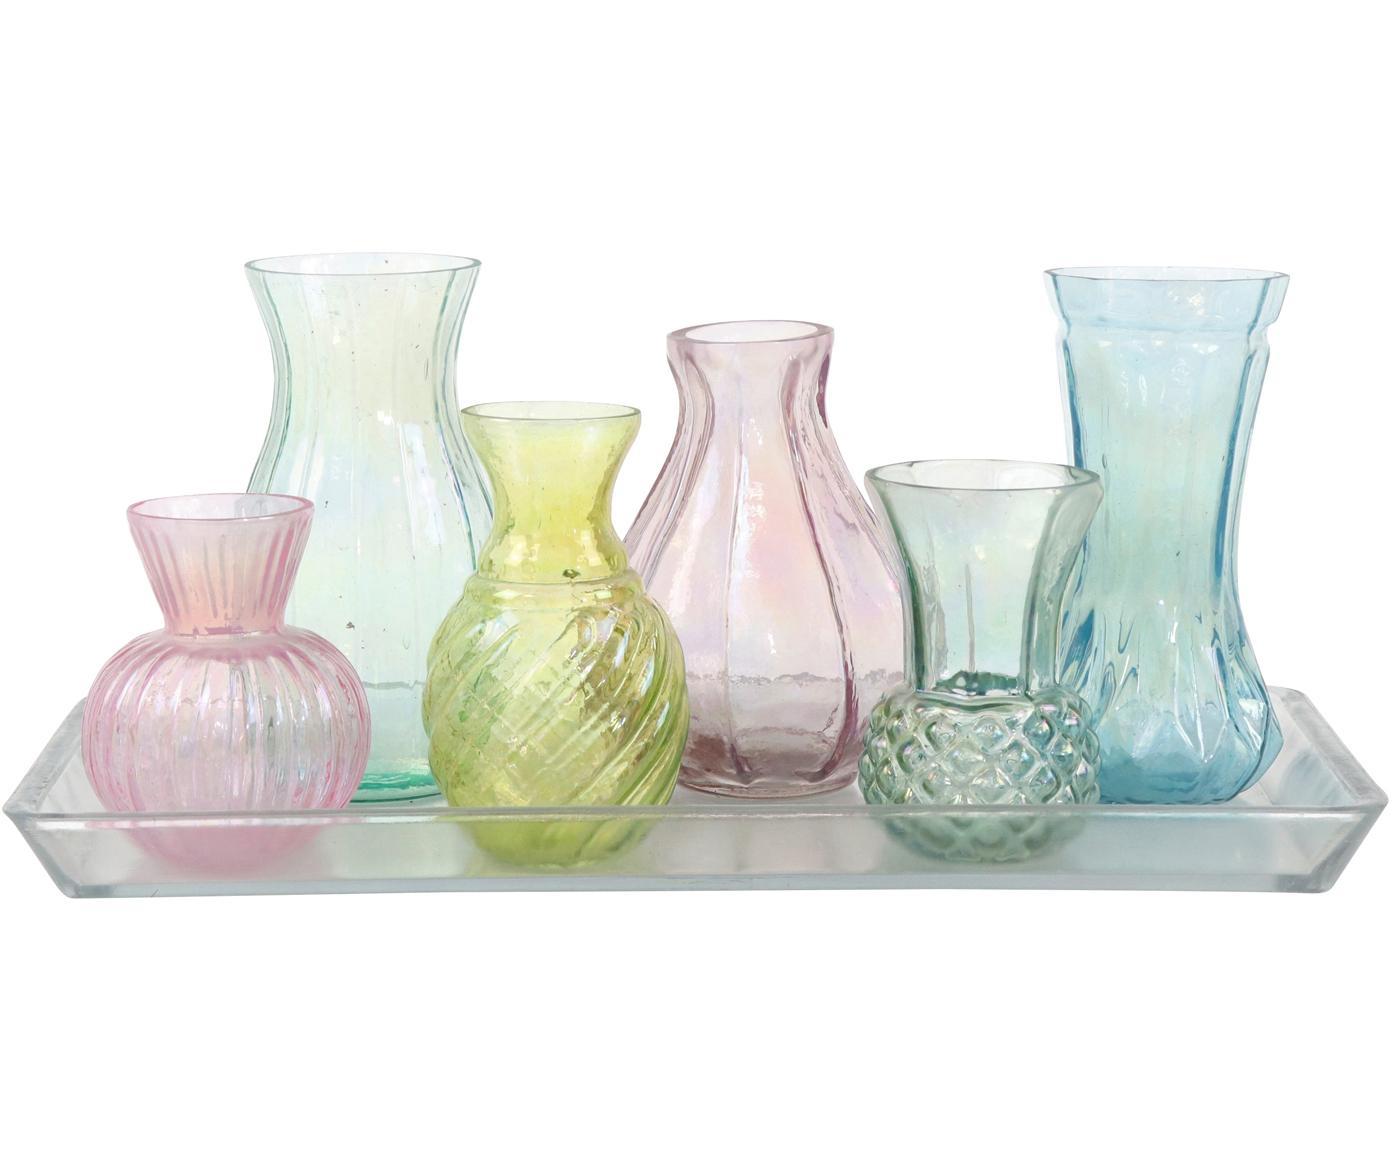 Glasvasen-Set Poesie, 7-tlg., Glas, Mehrfarbig, Sondergrößen